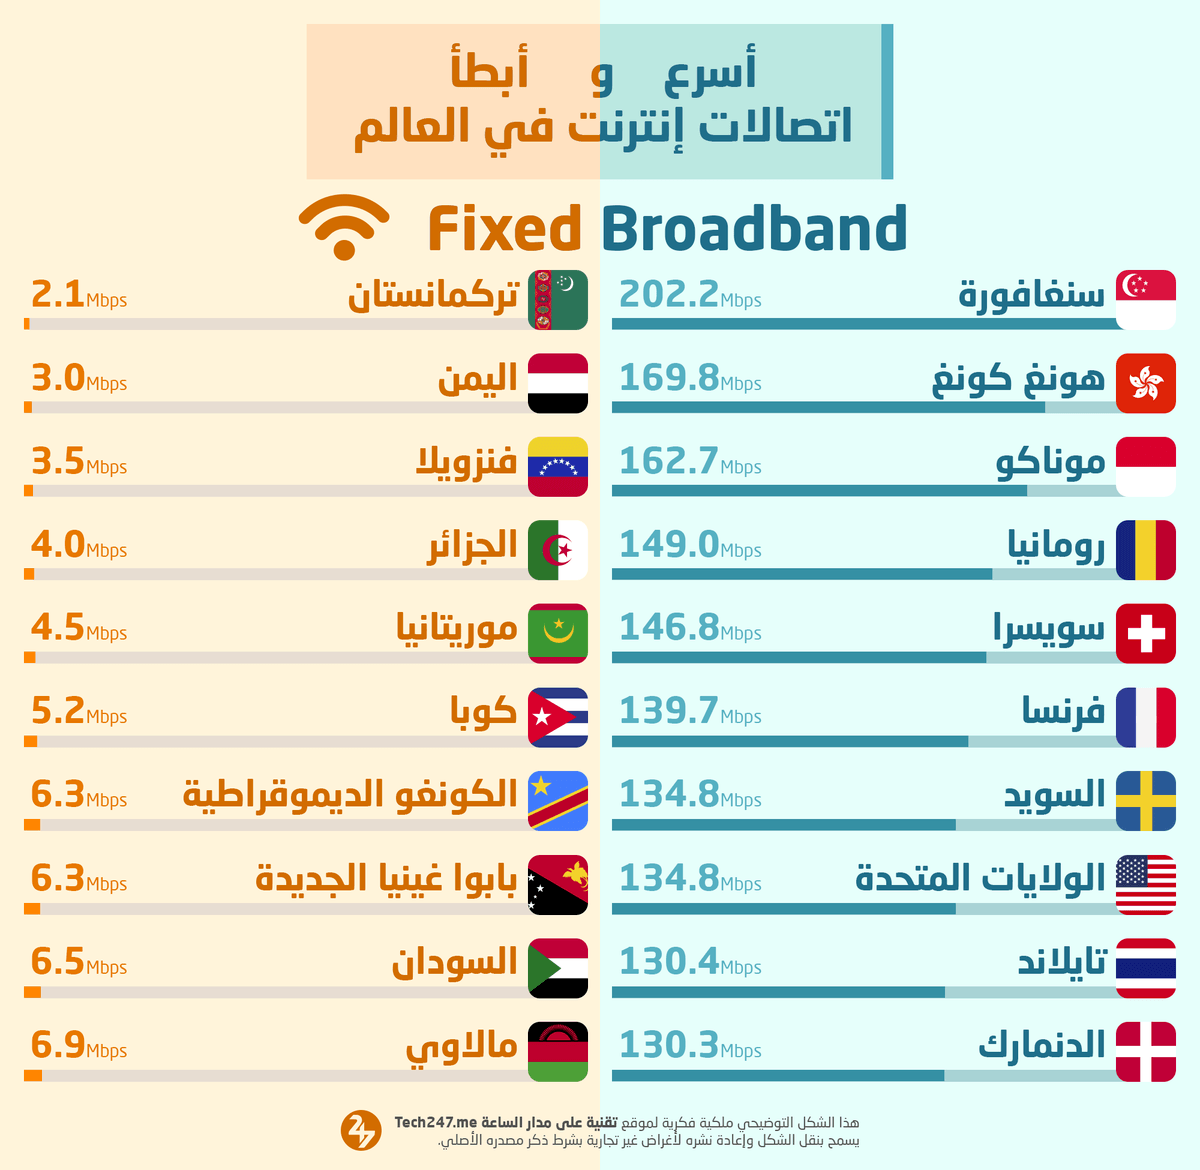 أسرع وأبطأ اتصالات الإنترنت الثابت في العالم